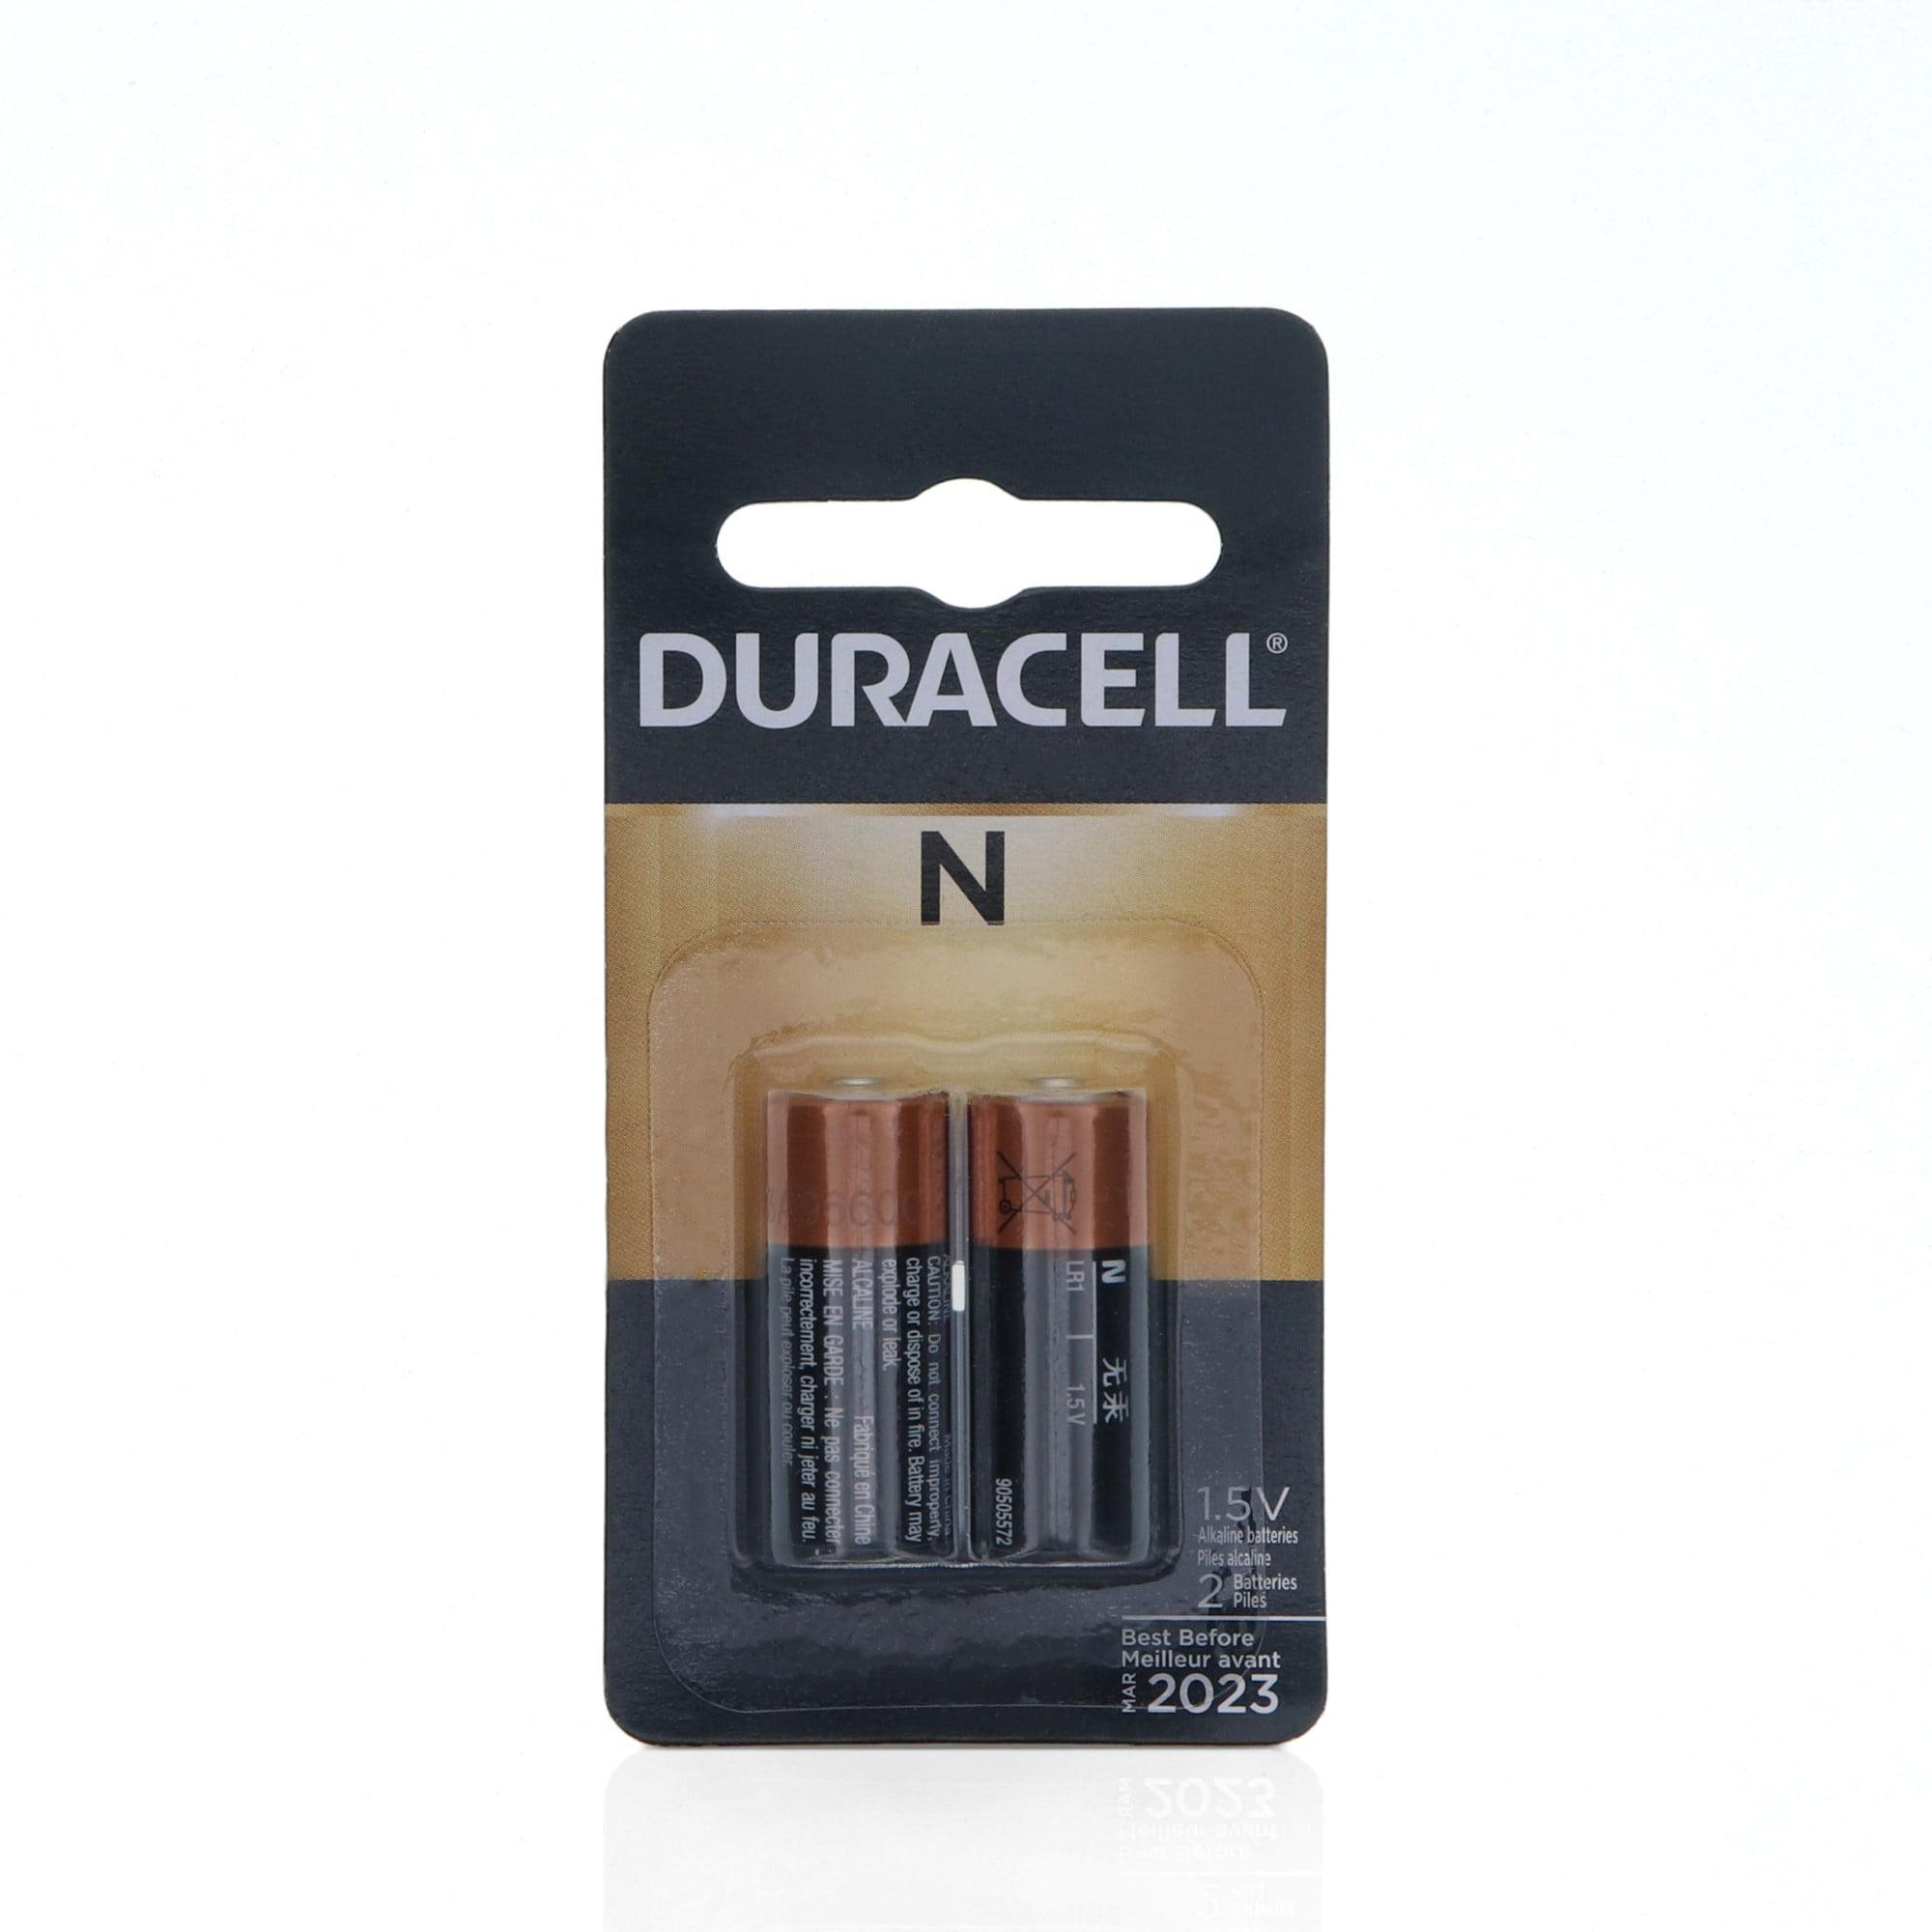 Duracell Medical Alkaline Batteries 1 5 Volt 2 Each Walmart Com Walmart Com